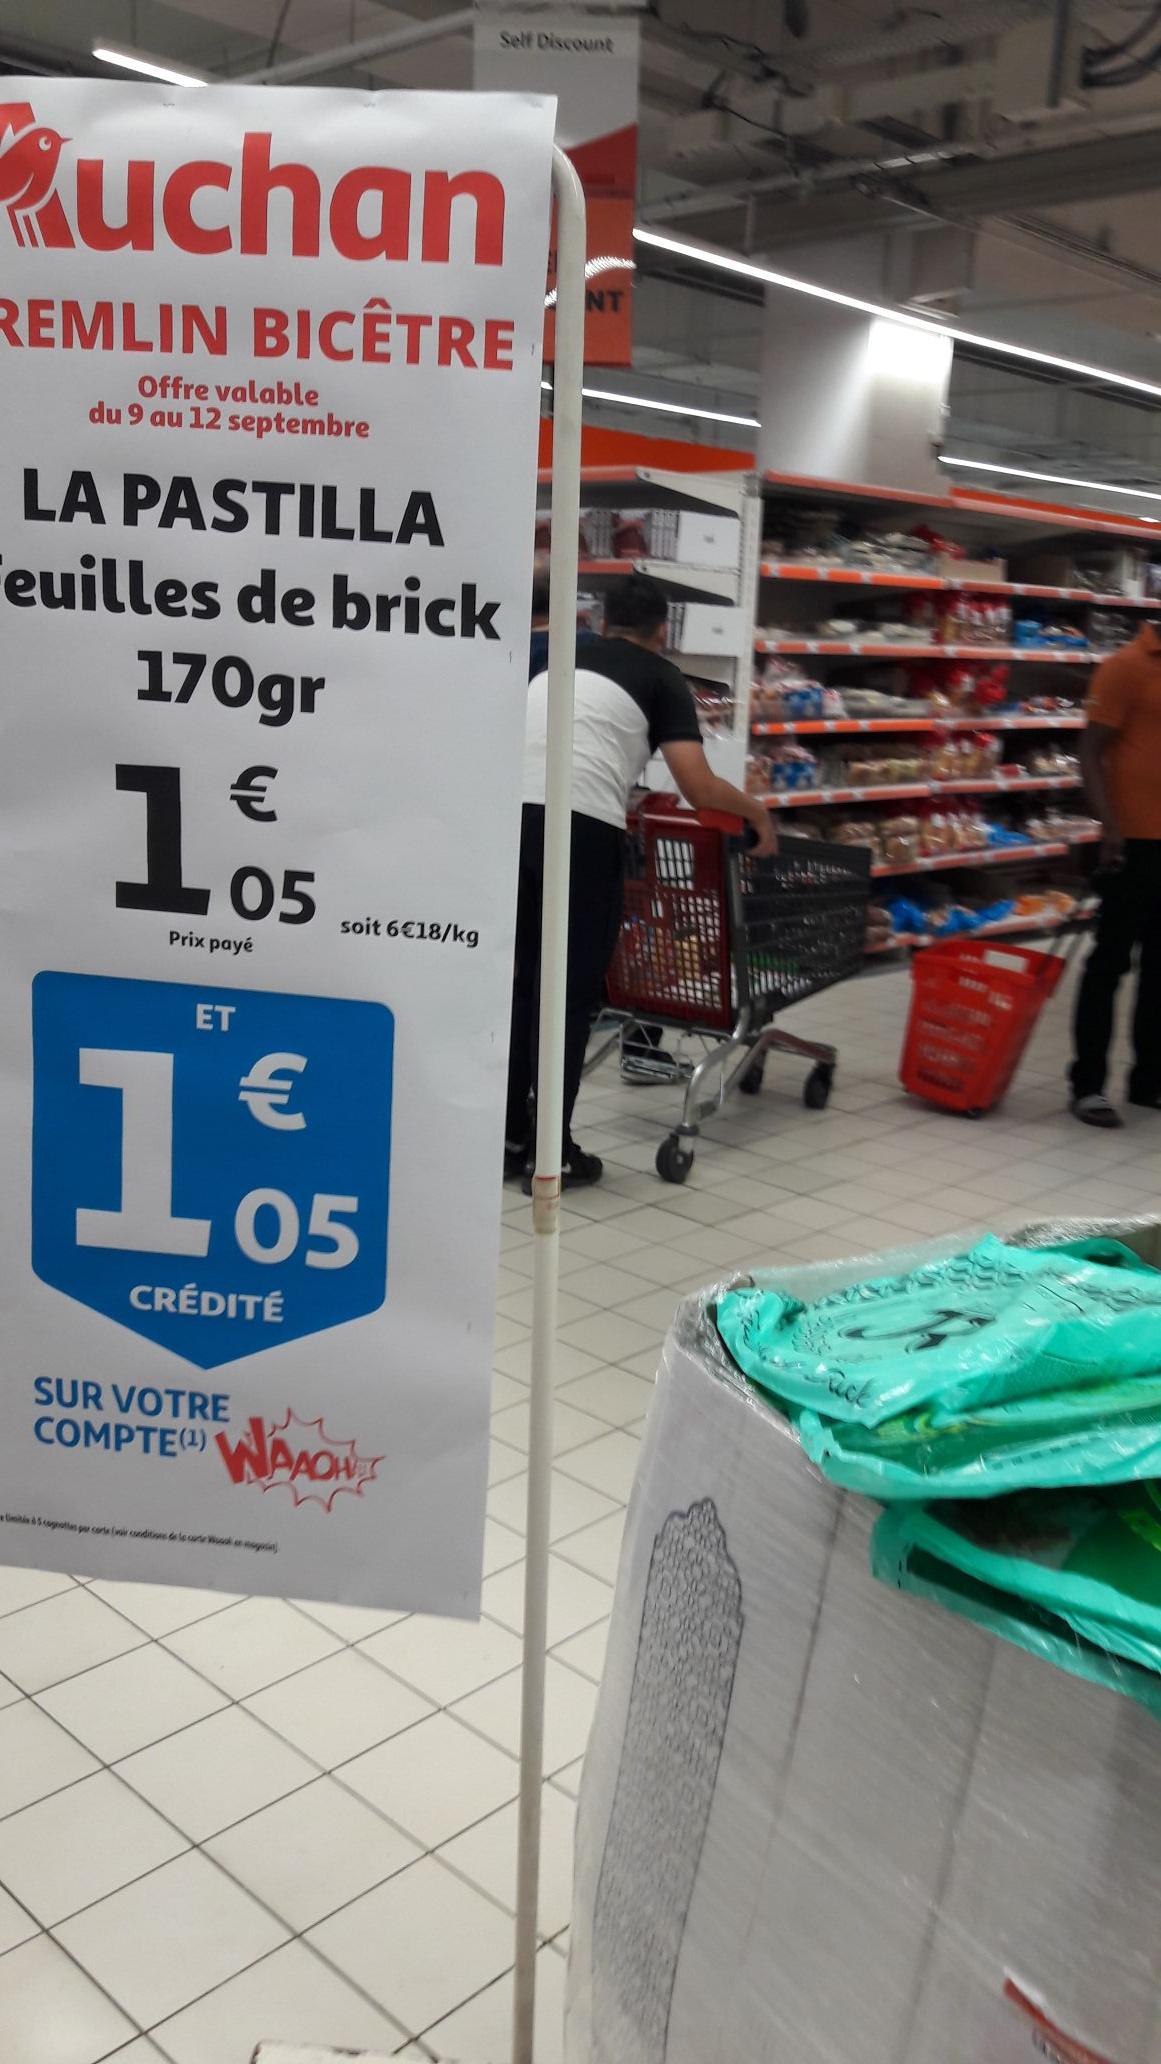 Feuilles de bricks La Pastilla 100% remboursées sur la carte fidélité (170gr) - Le Kremlin-Bicêtre (94)